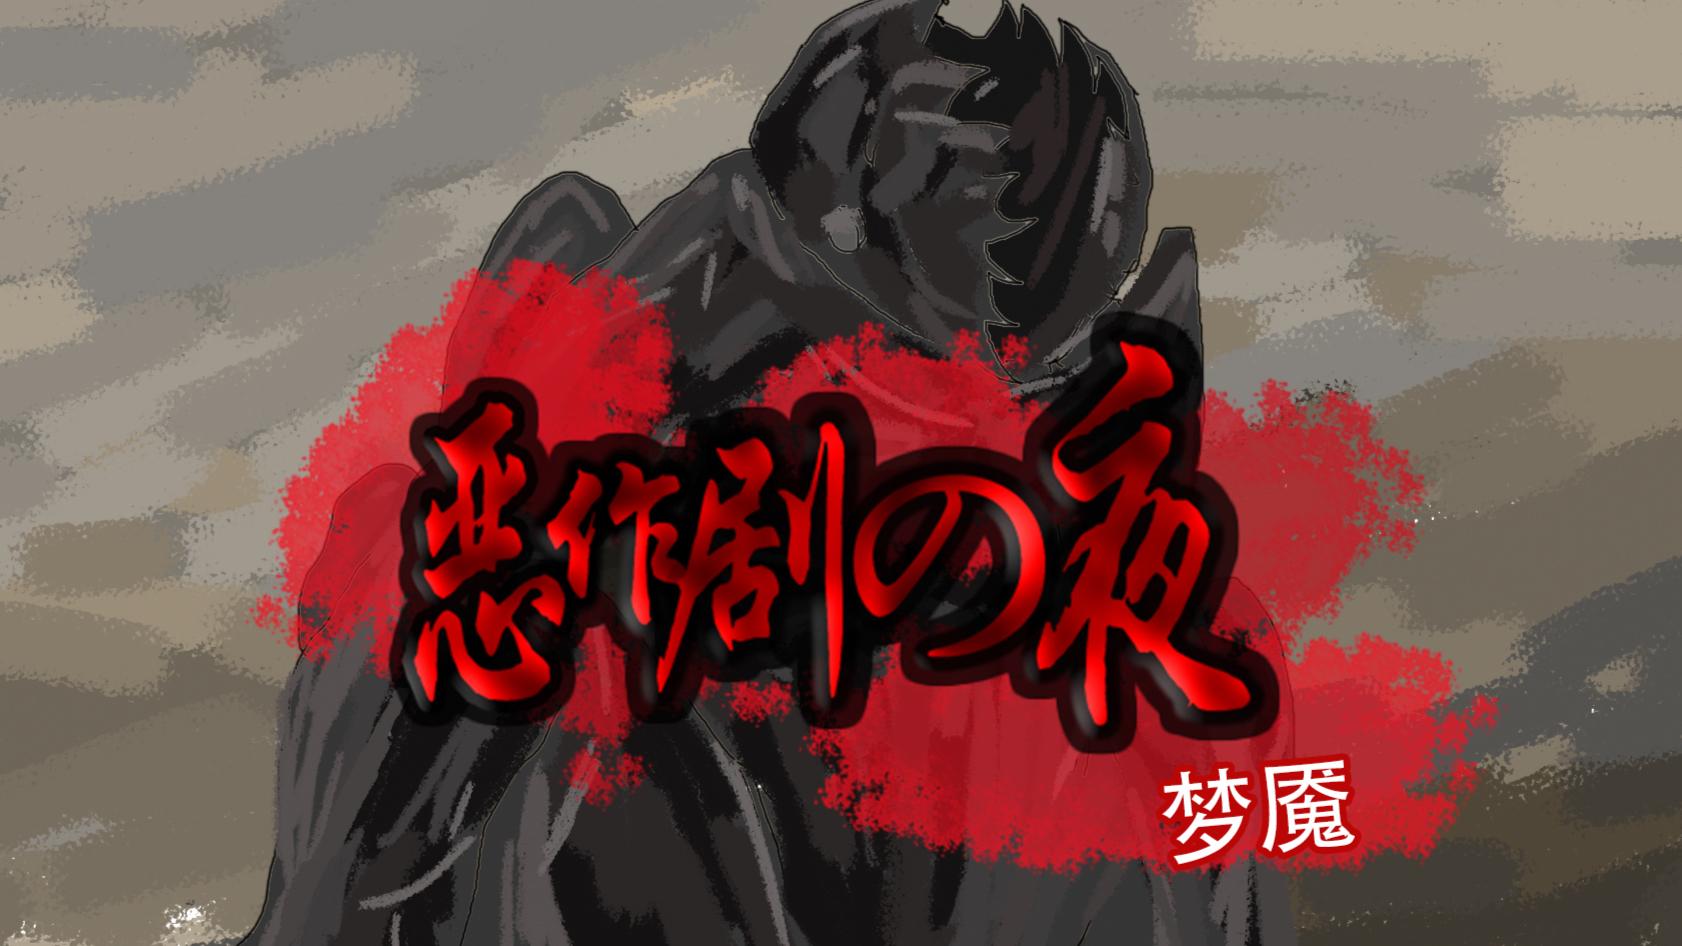 【恐怖动画】《恶作剧之夜:梦魇》